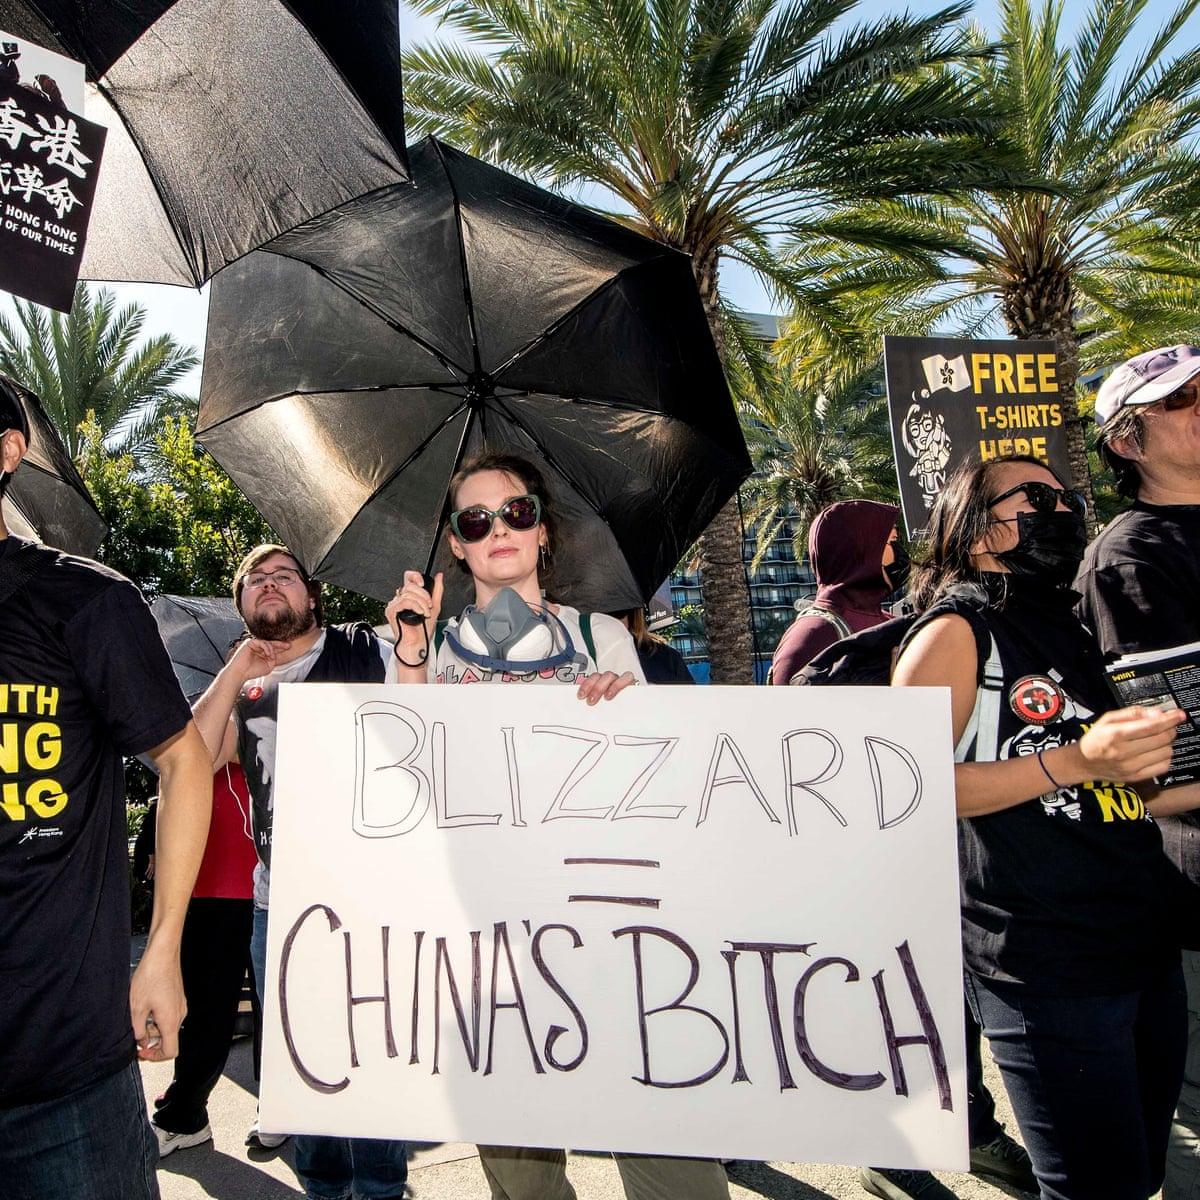 เล น Overwatch ฟร ใน Roblox Youtube I Care About Blizzard But The Hong Kong Situation Is Dire The Gaming Convention Rocked By Protest Games The Guardian